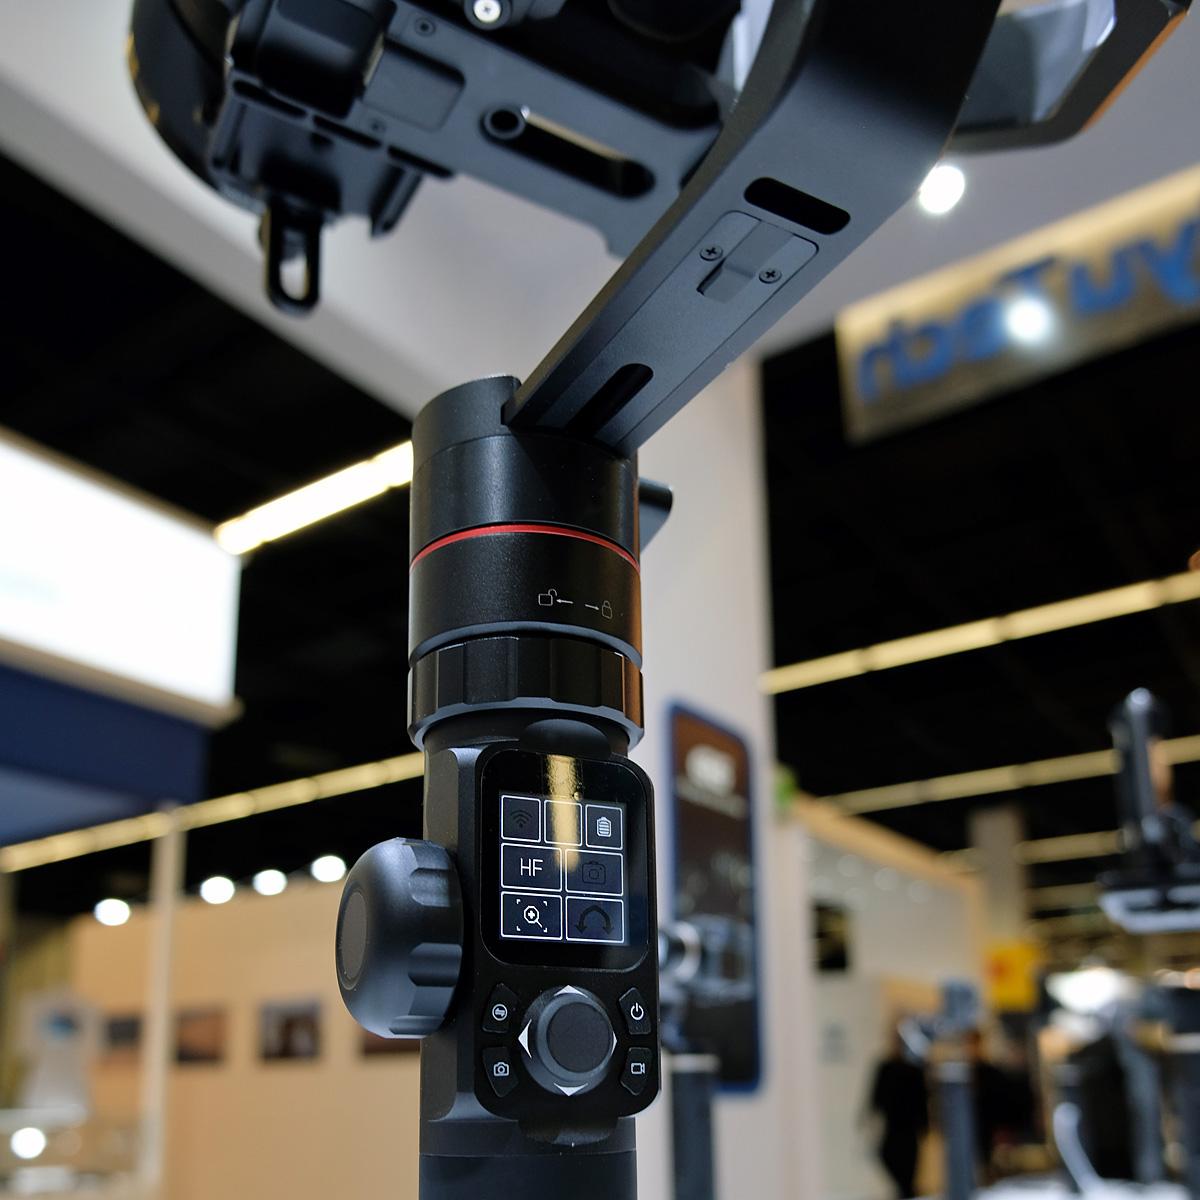 Touchdisplay der FeiyuTech AK2000 & AK4000 Gimbals